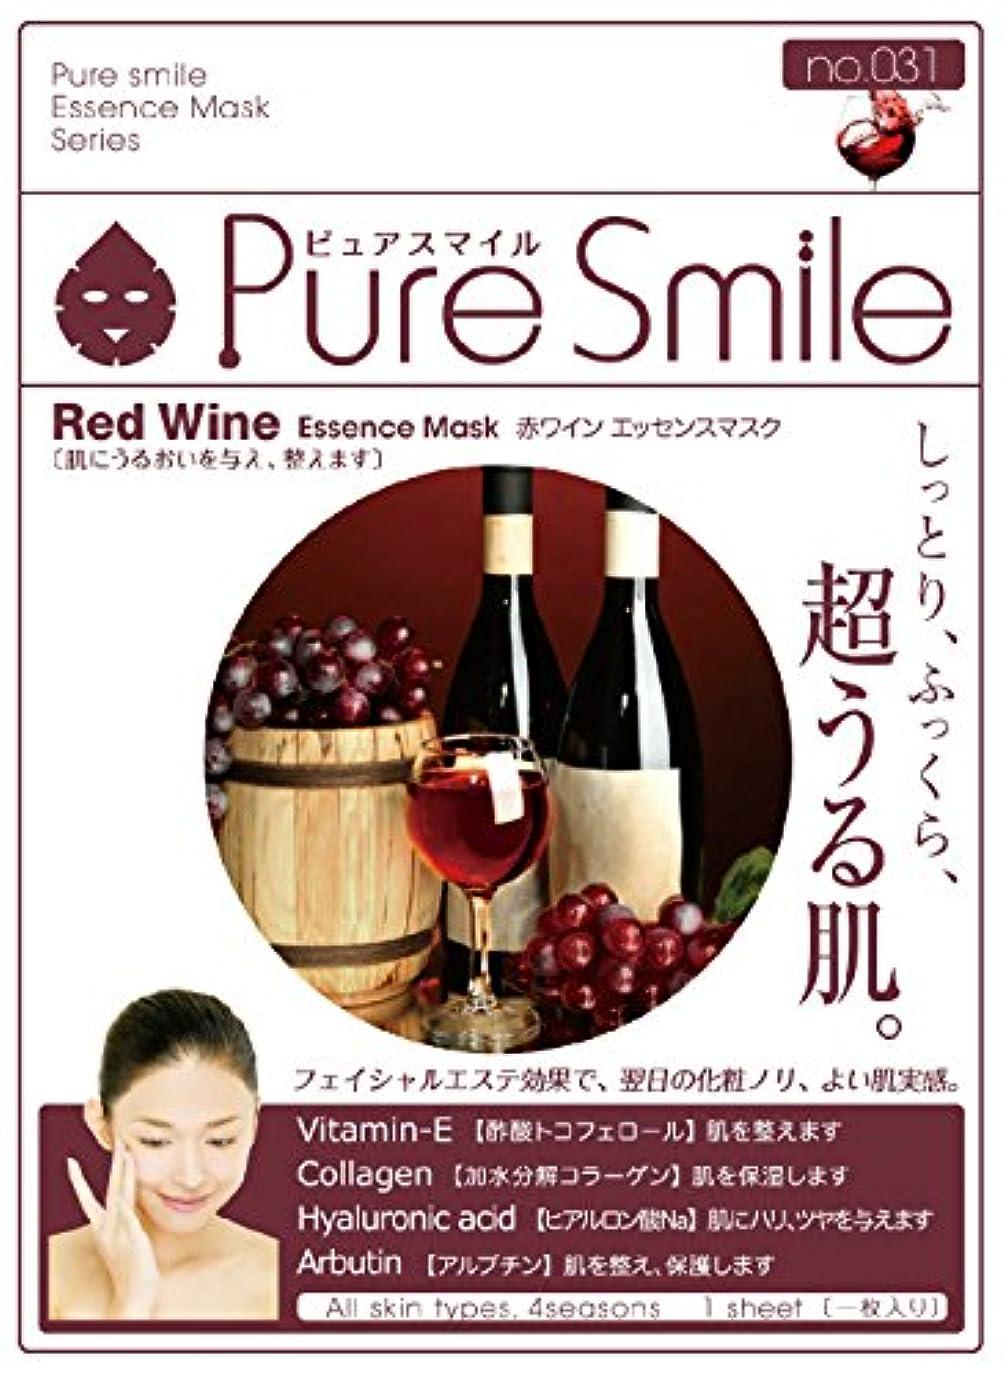 空気清める紳士気取りの、きざなPure Smile エッセンスマスク 赤ワイン 23ml?30枚